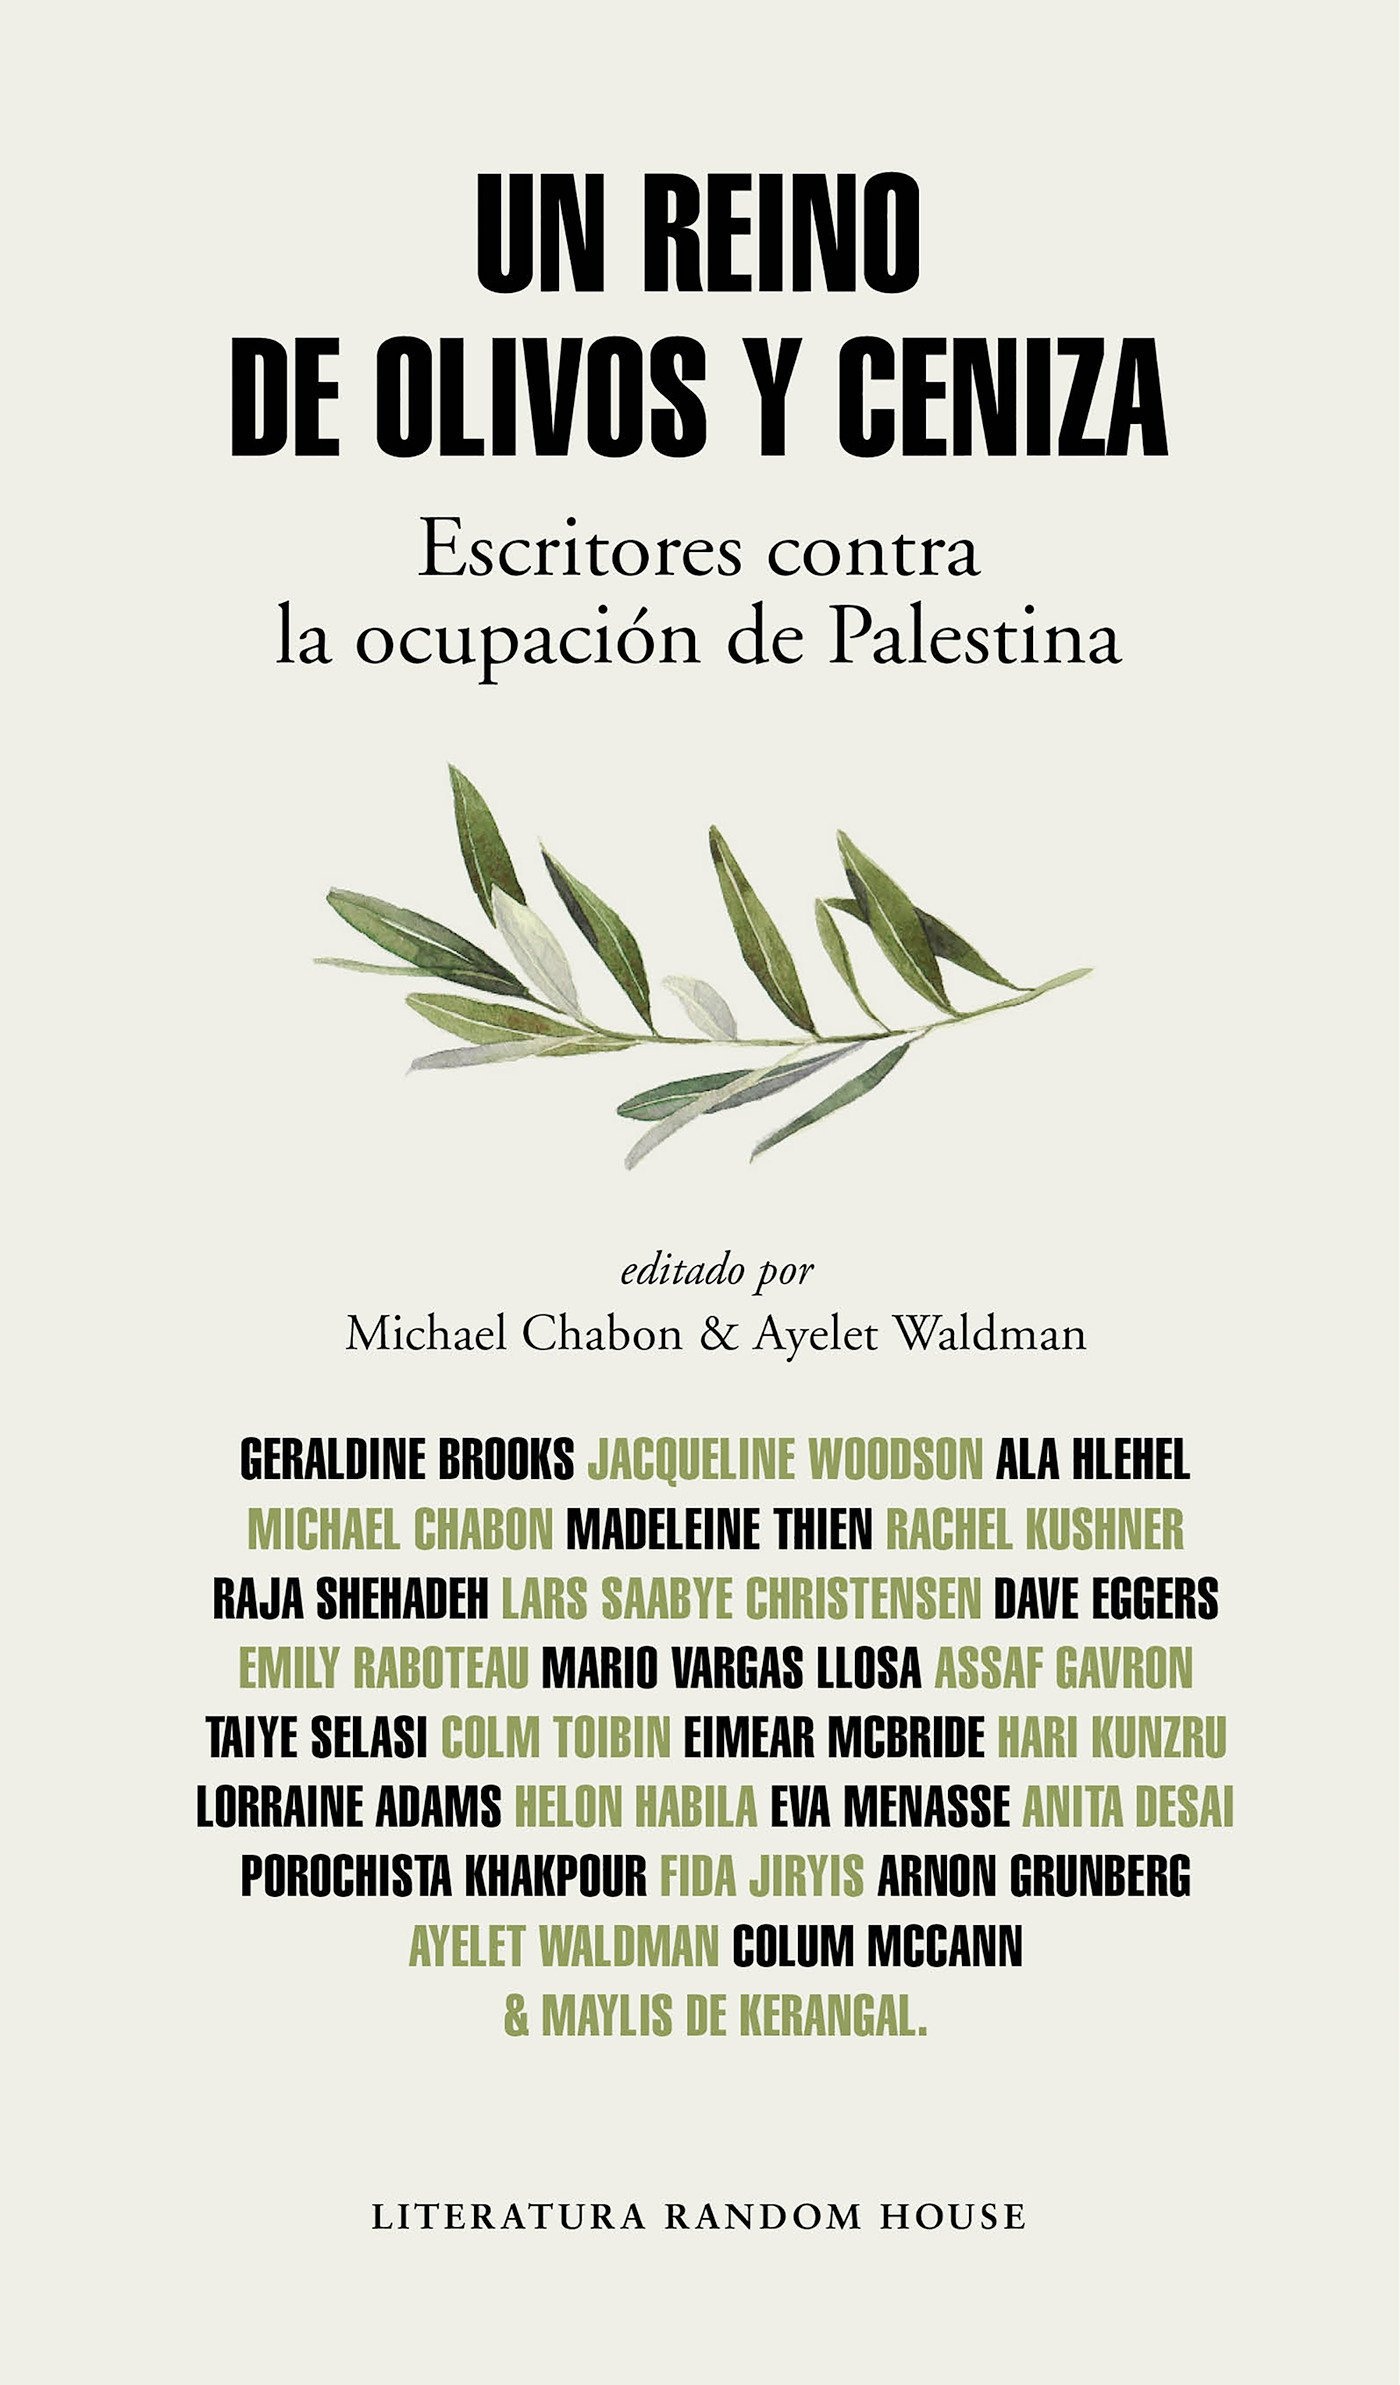 Un reino de olivos y ceniza: Escritores contra la ocupación de Palestina (Literatura Random House) Tapa blanda – 8 jun 2017 Ayelet Waldman Michael Chabon Varios autores 8439732937